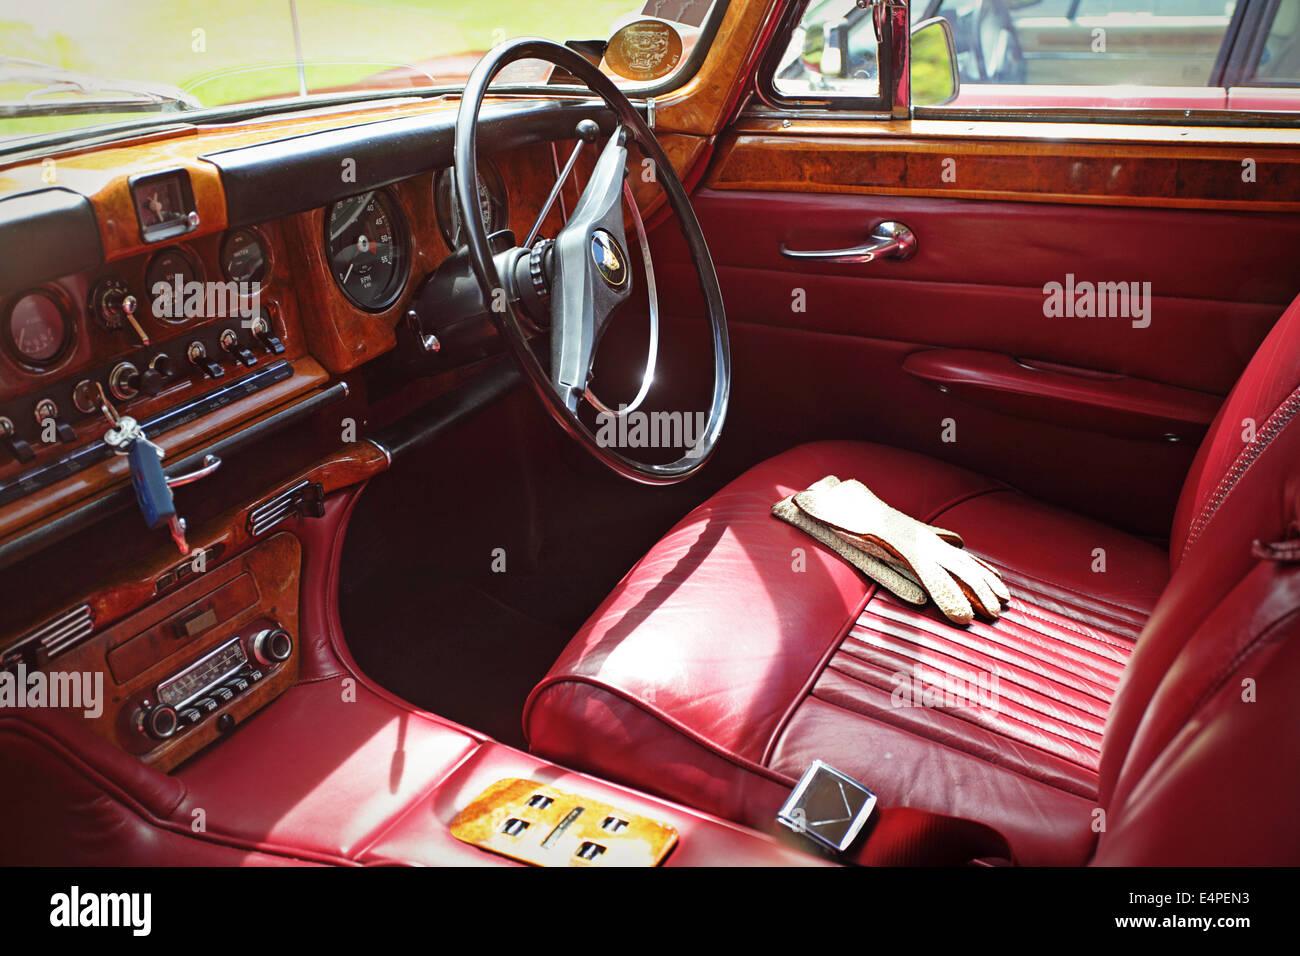 Armaturenbrett oldtimer  Oldtimer Jaguar Innenraum, Armaturenbrett und Lenkrad Stockfoto ...